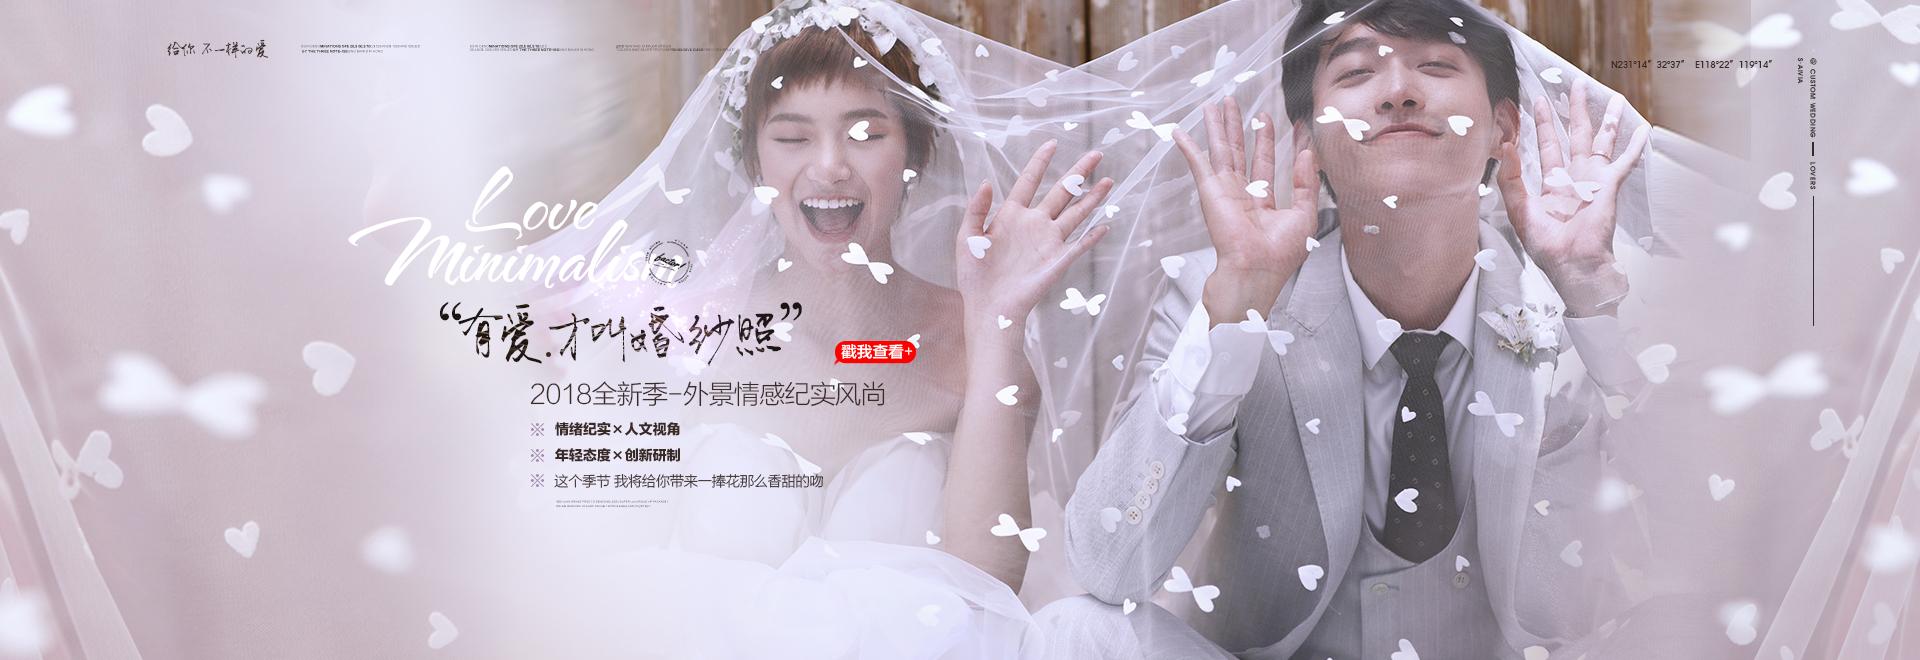 雪中彩影·有爱才叫婚纱照